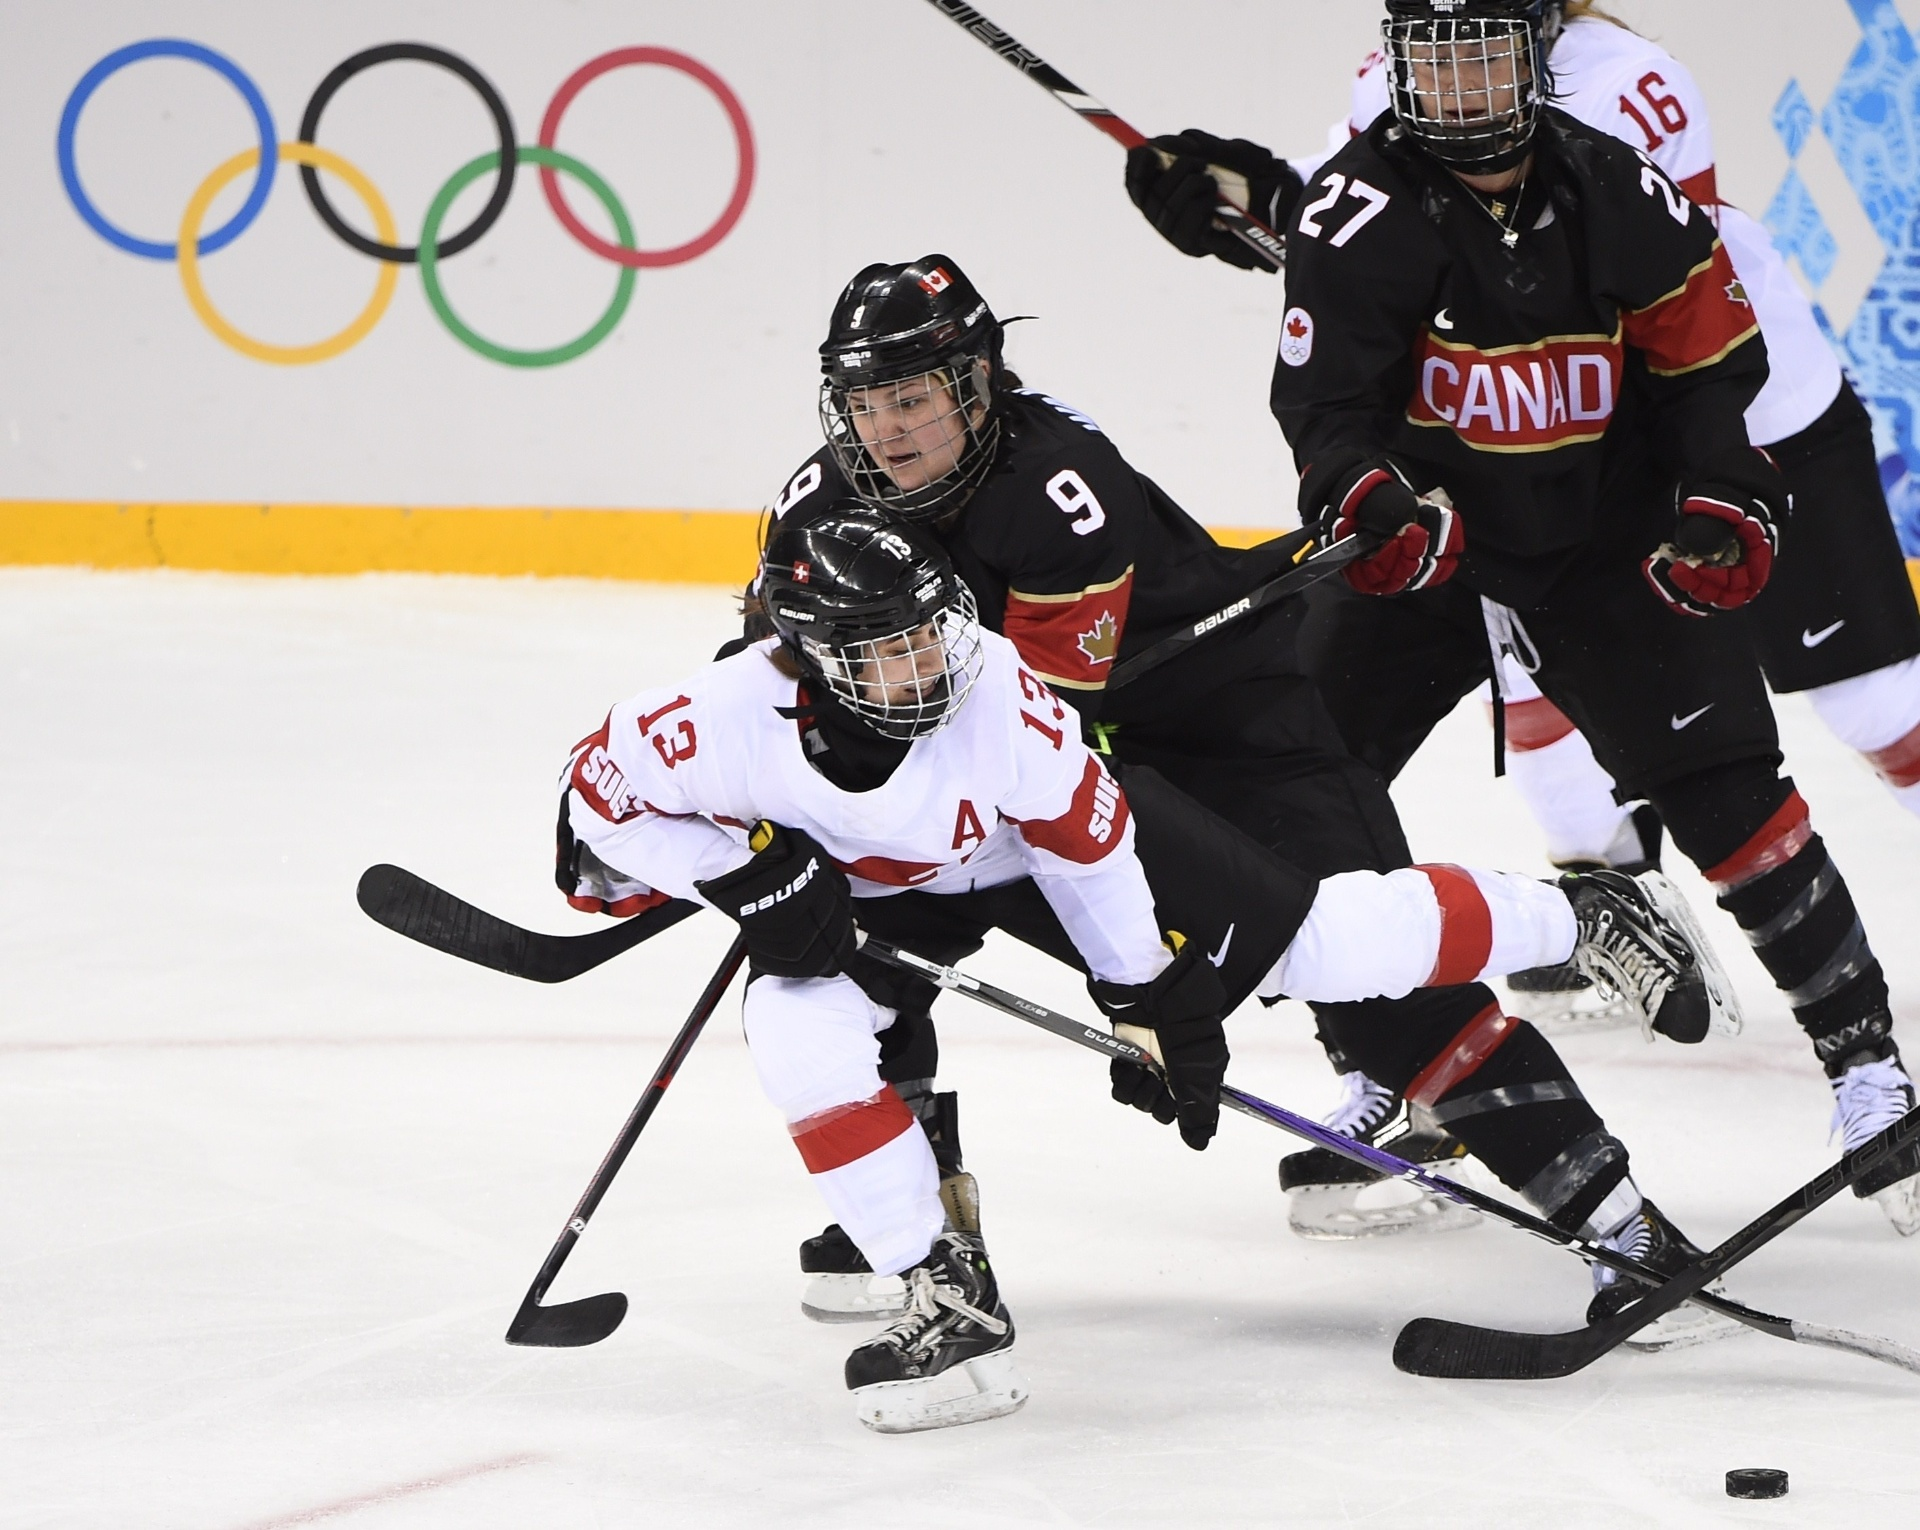 08.02.2014 - Canadense Jennifer Wakefield é levantada pelas rivais nos Jogos Olímpicos de Inverno